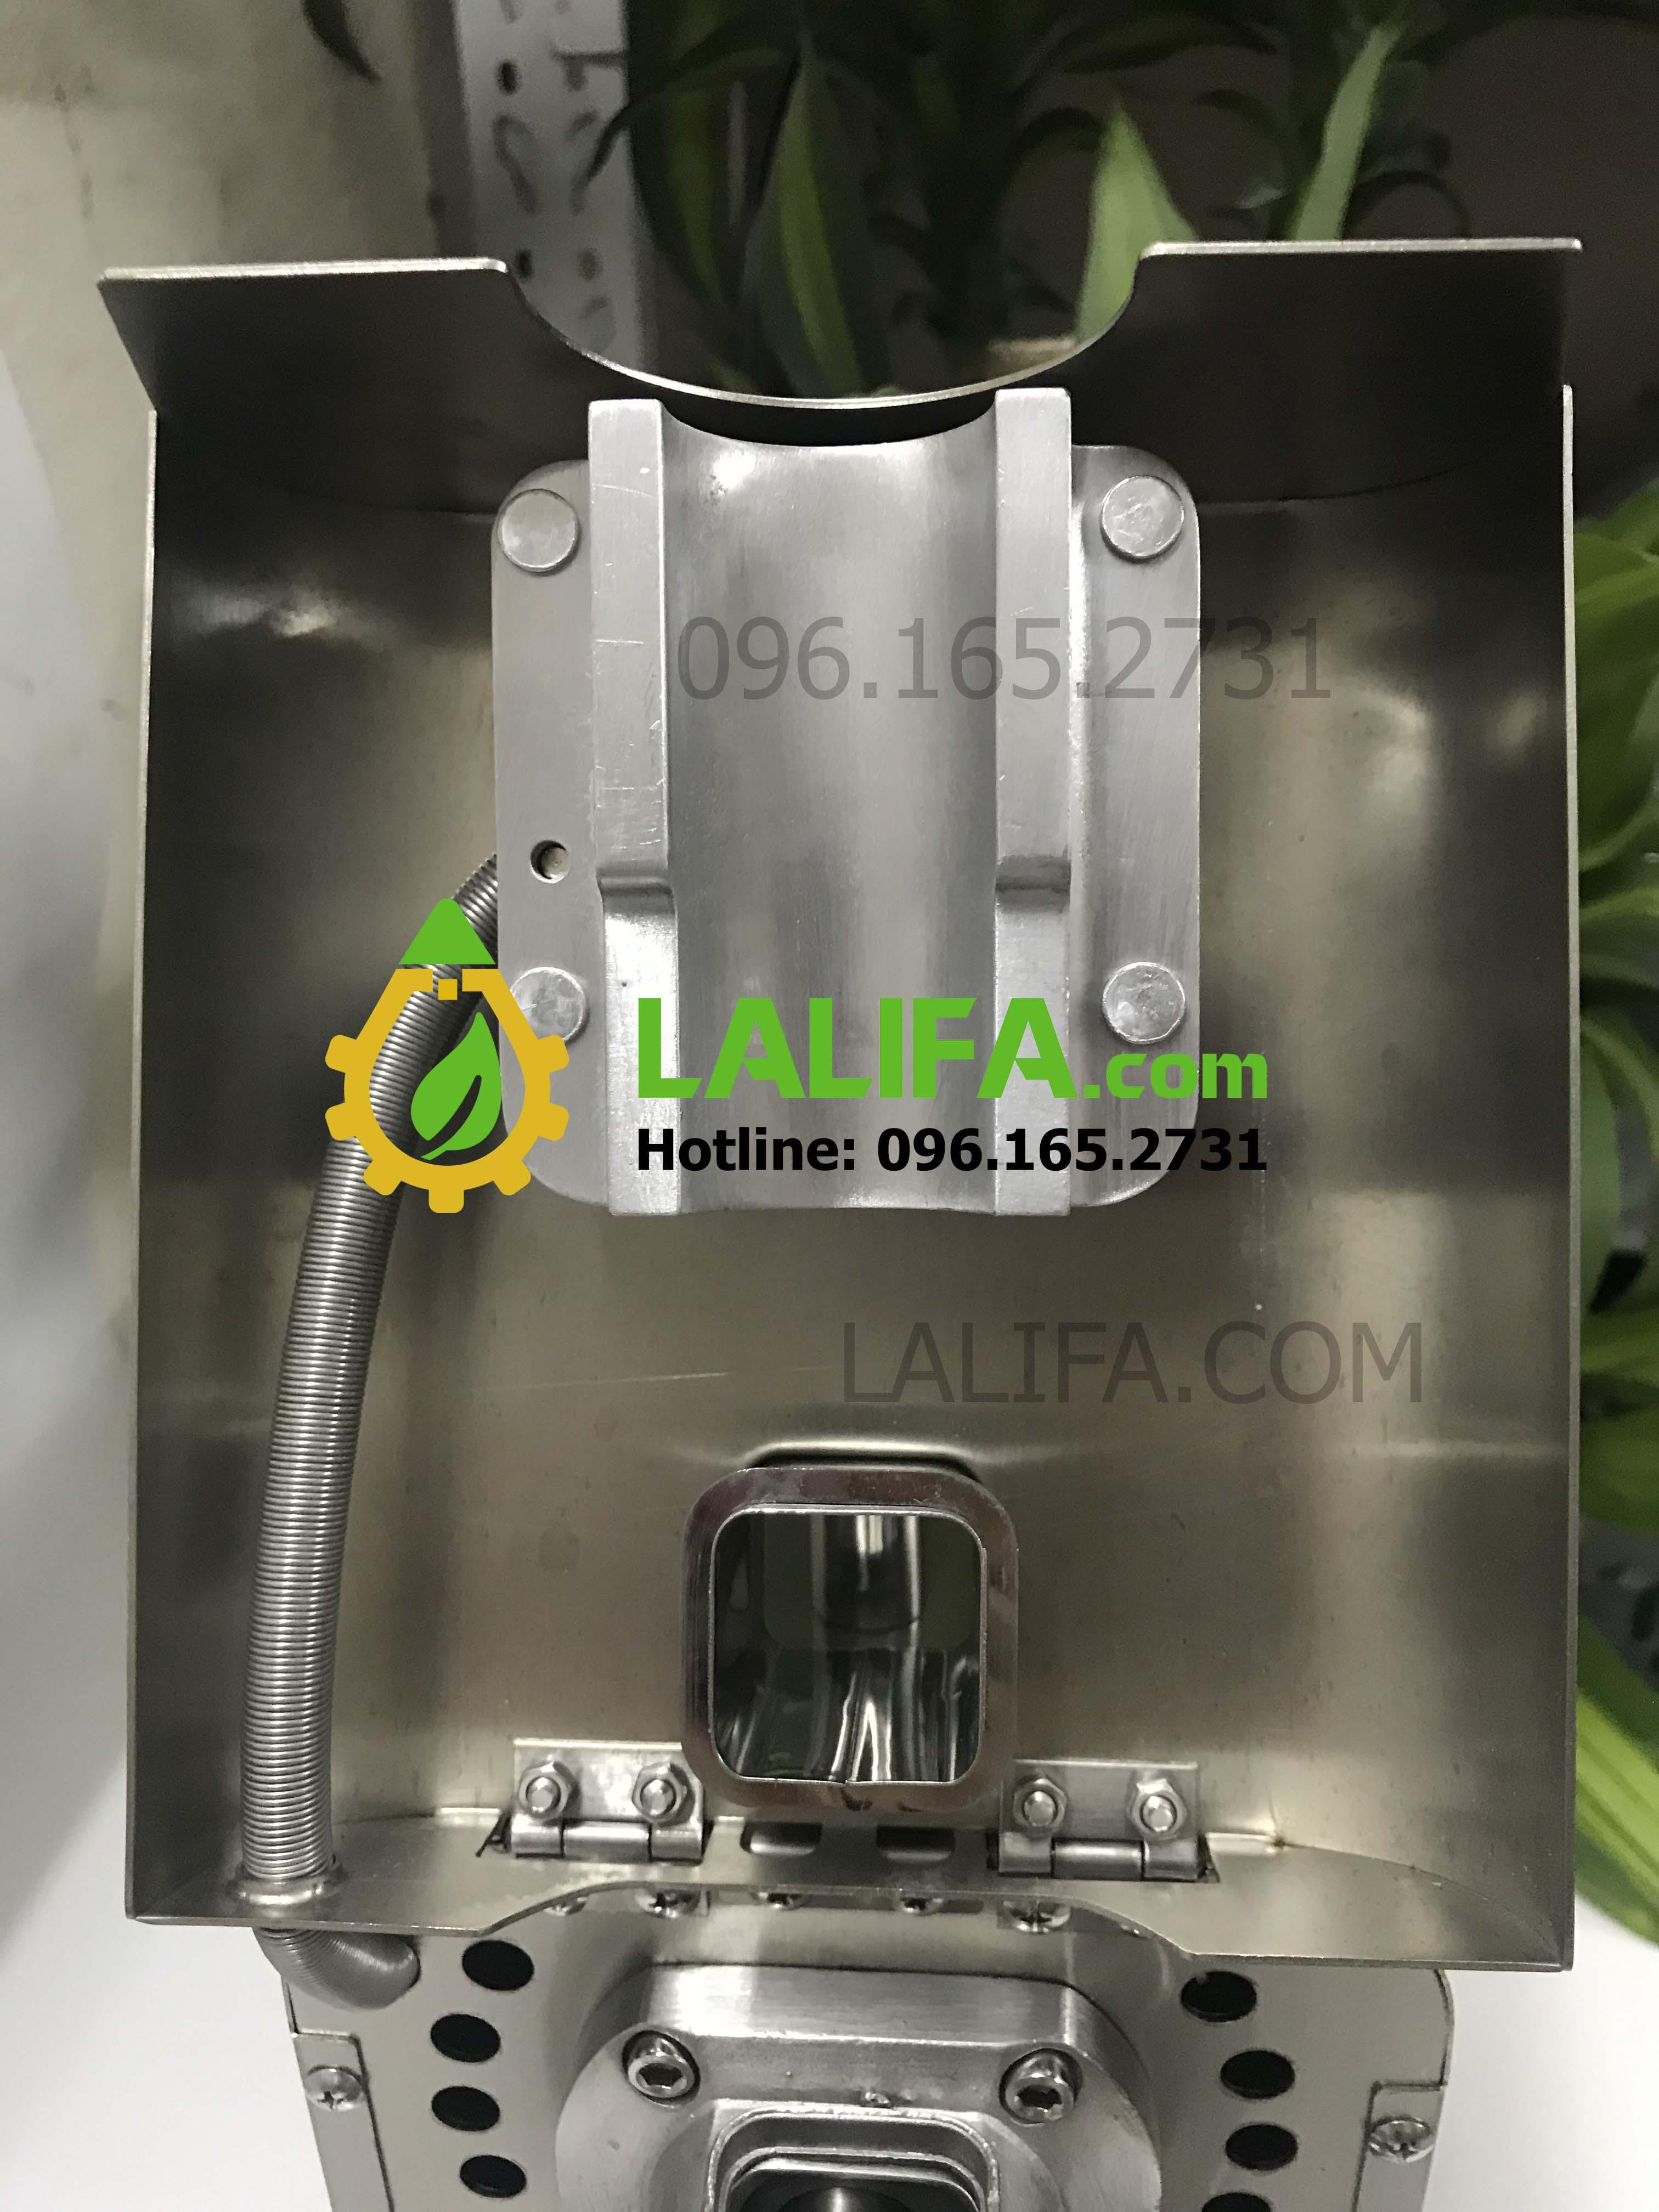 máy ép dầu lạc gia đình lalifa08